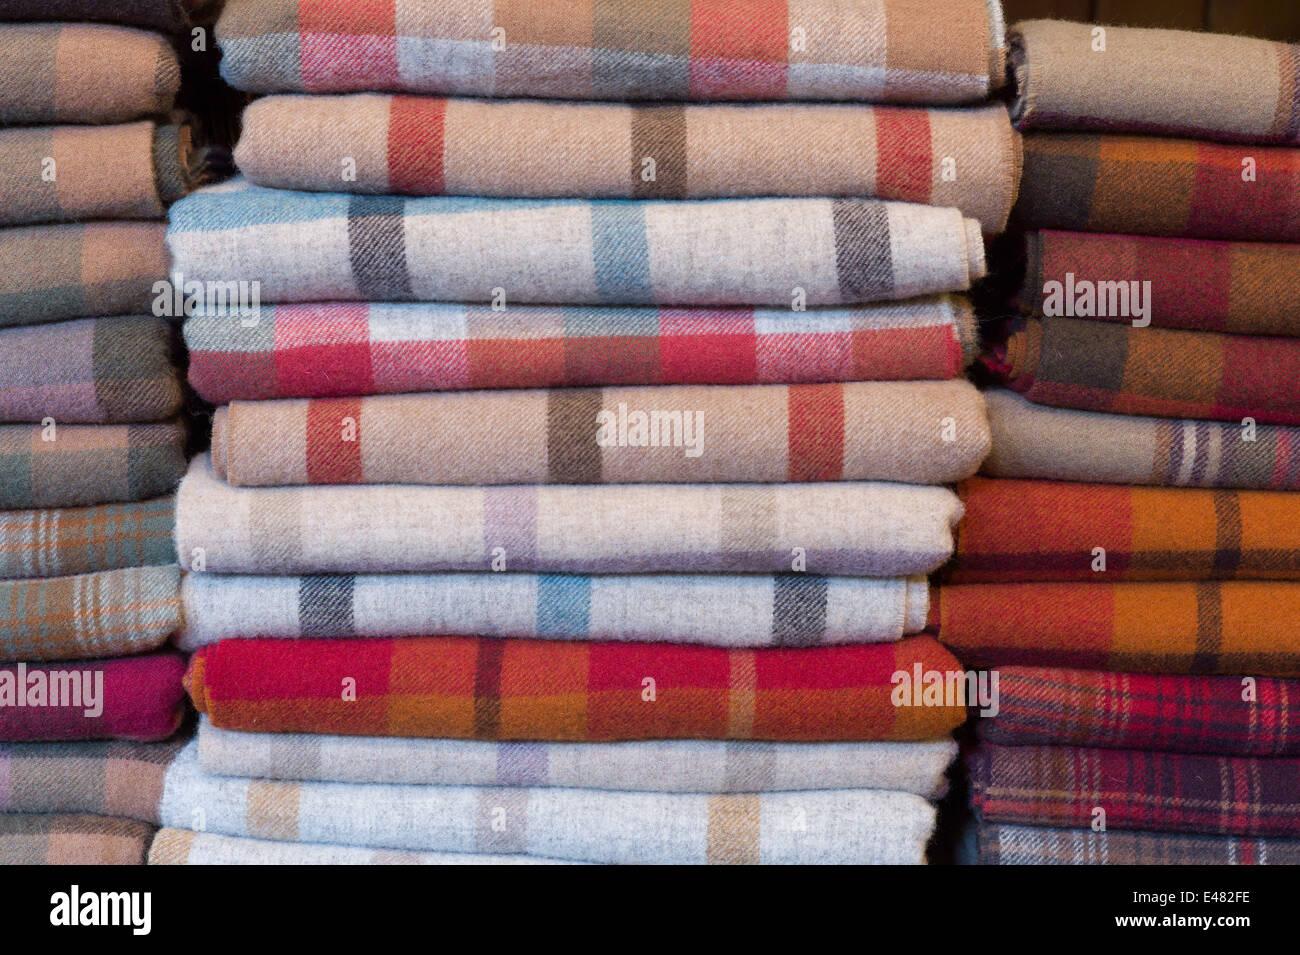 Les chèques, et plaid tartan écossais et jette en laine d écharpes en vente  à Lochcarron tisserands dans les Highlands d ECOSSE 51d1194cec3